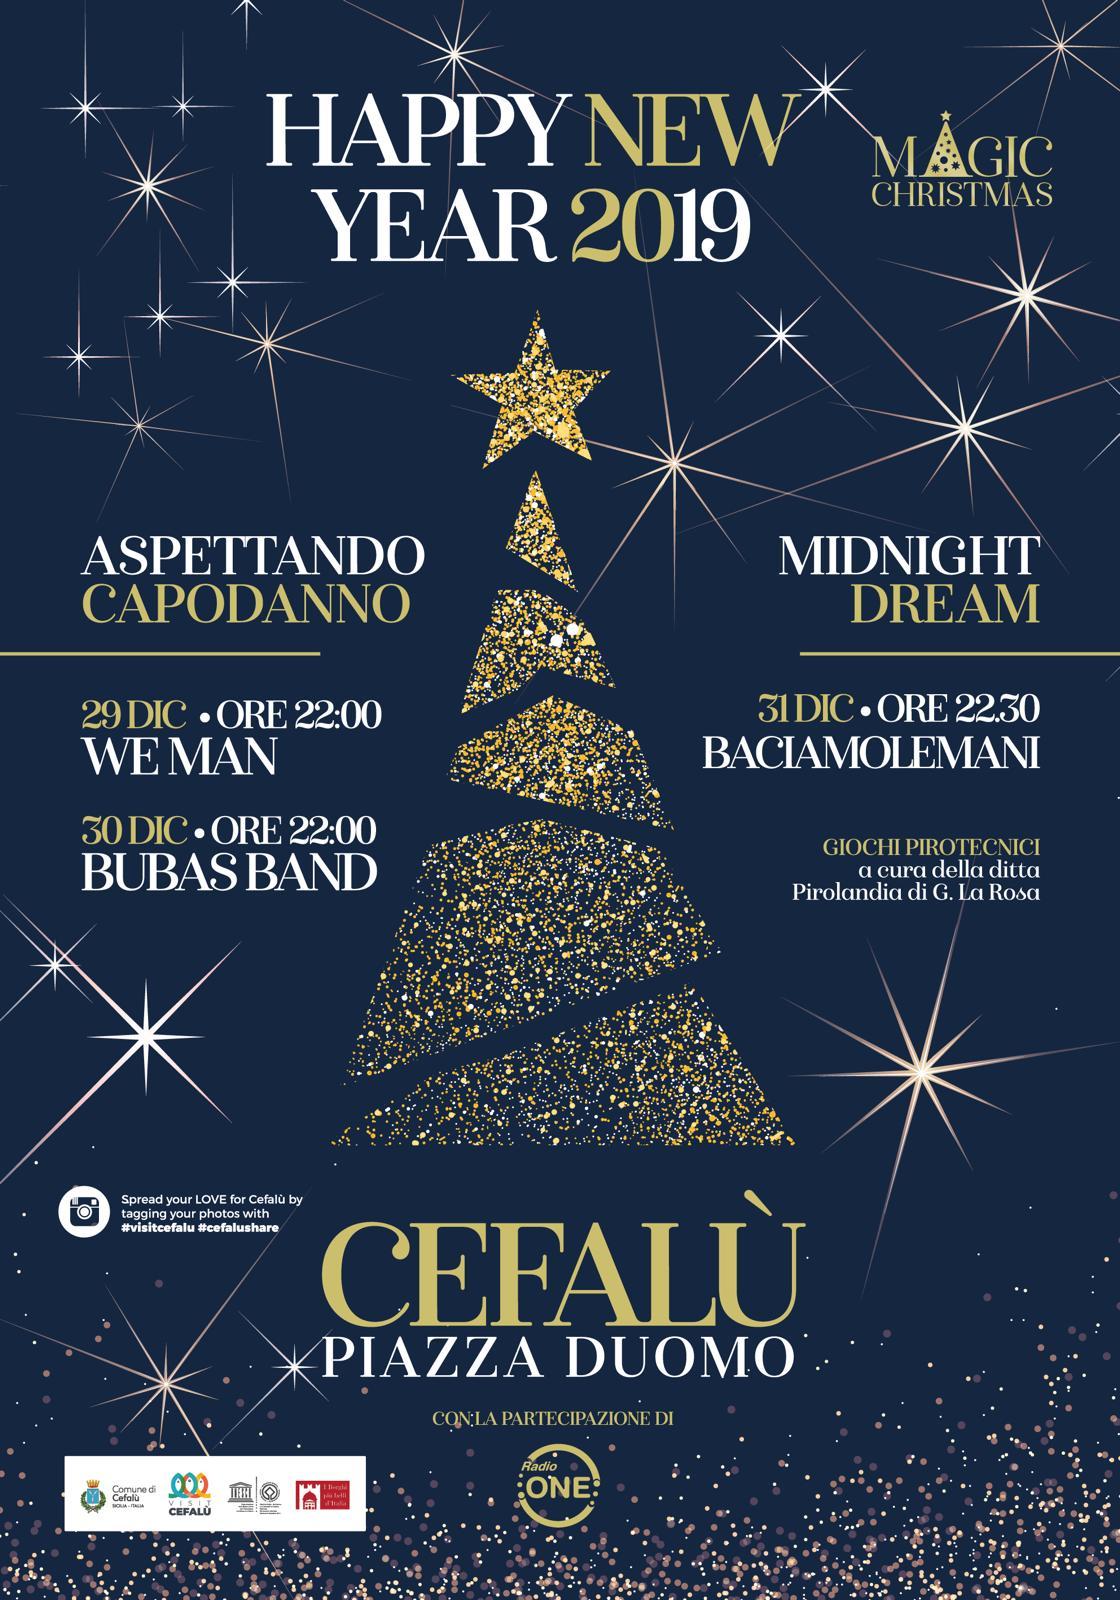 Volantino Capodanno 2019 Cefalù